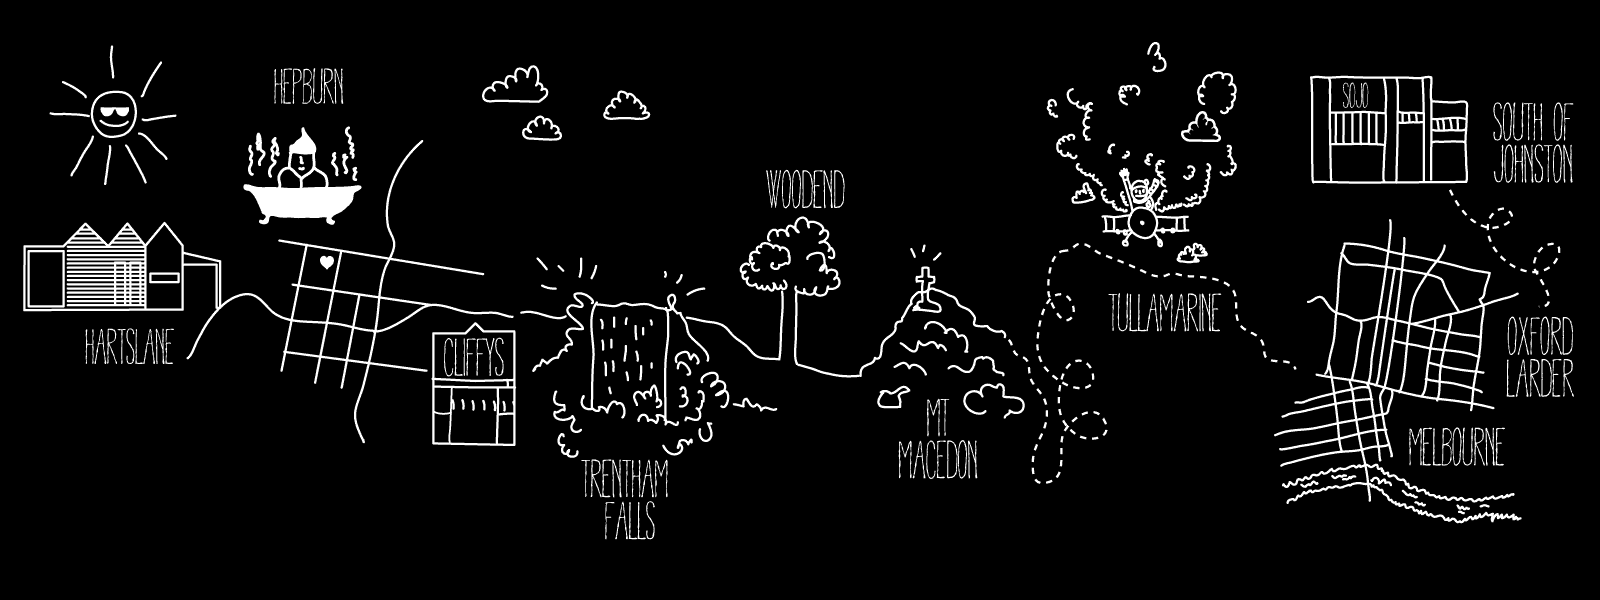 hartslane-map